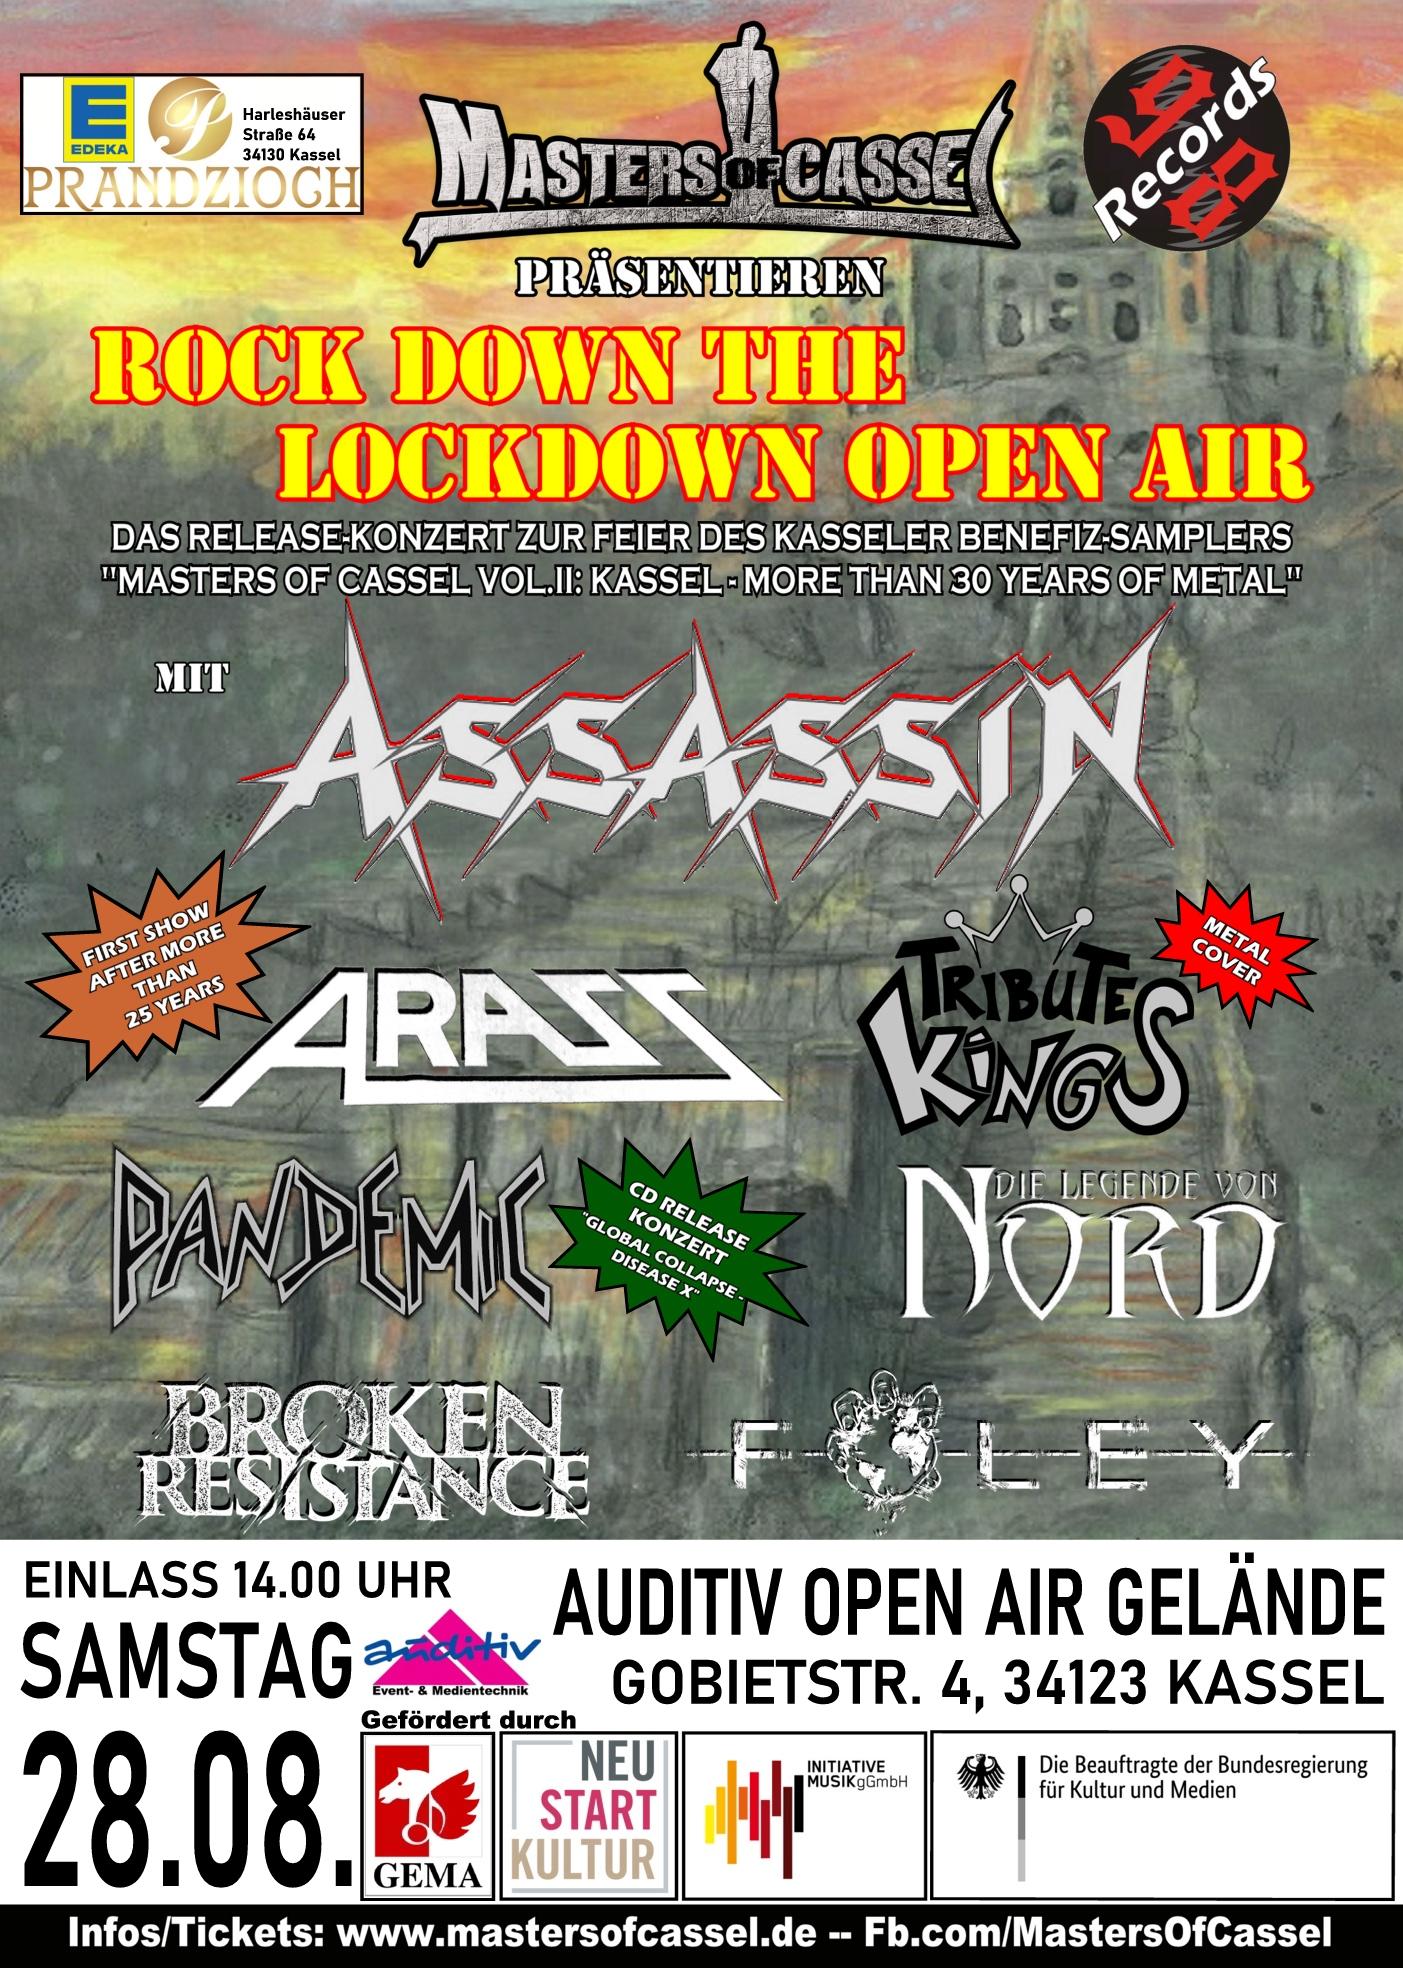 rock-down-the-lockdown-benefiz-sampler-und-open-air-in-kassel-am-28-08-21